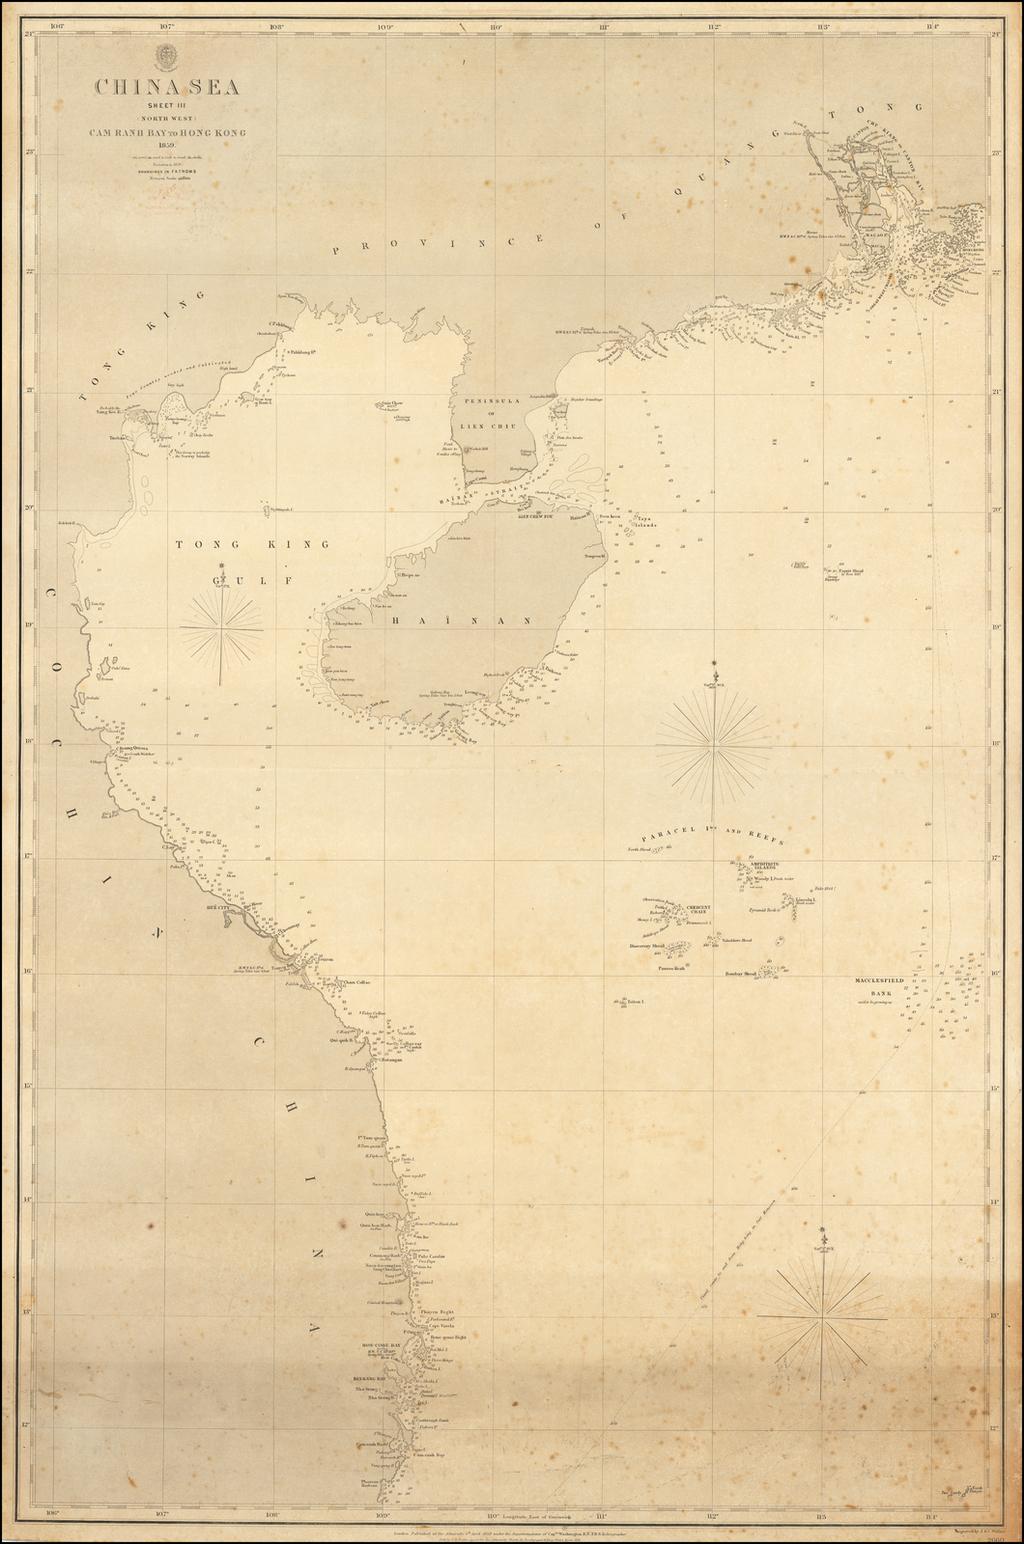 China Sea Sheet III (North West) Cam Ranh Bay to Hong Kong 1859. By British Admiralty